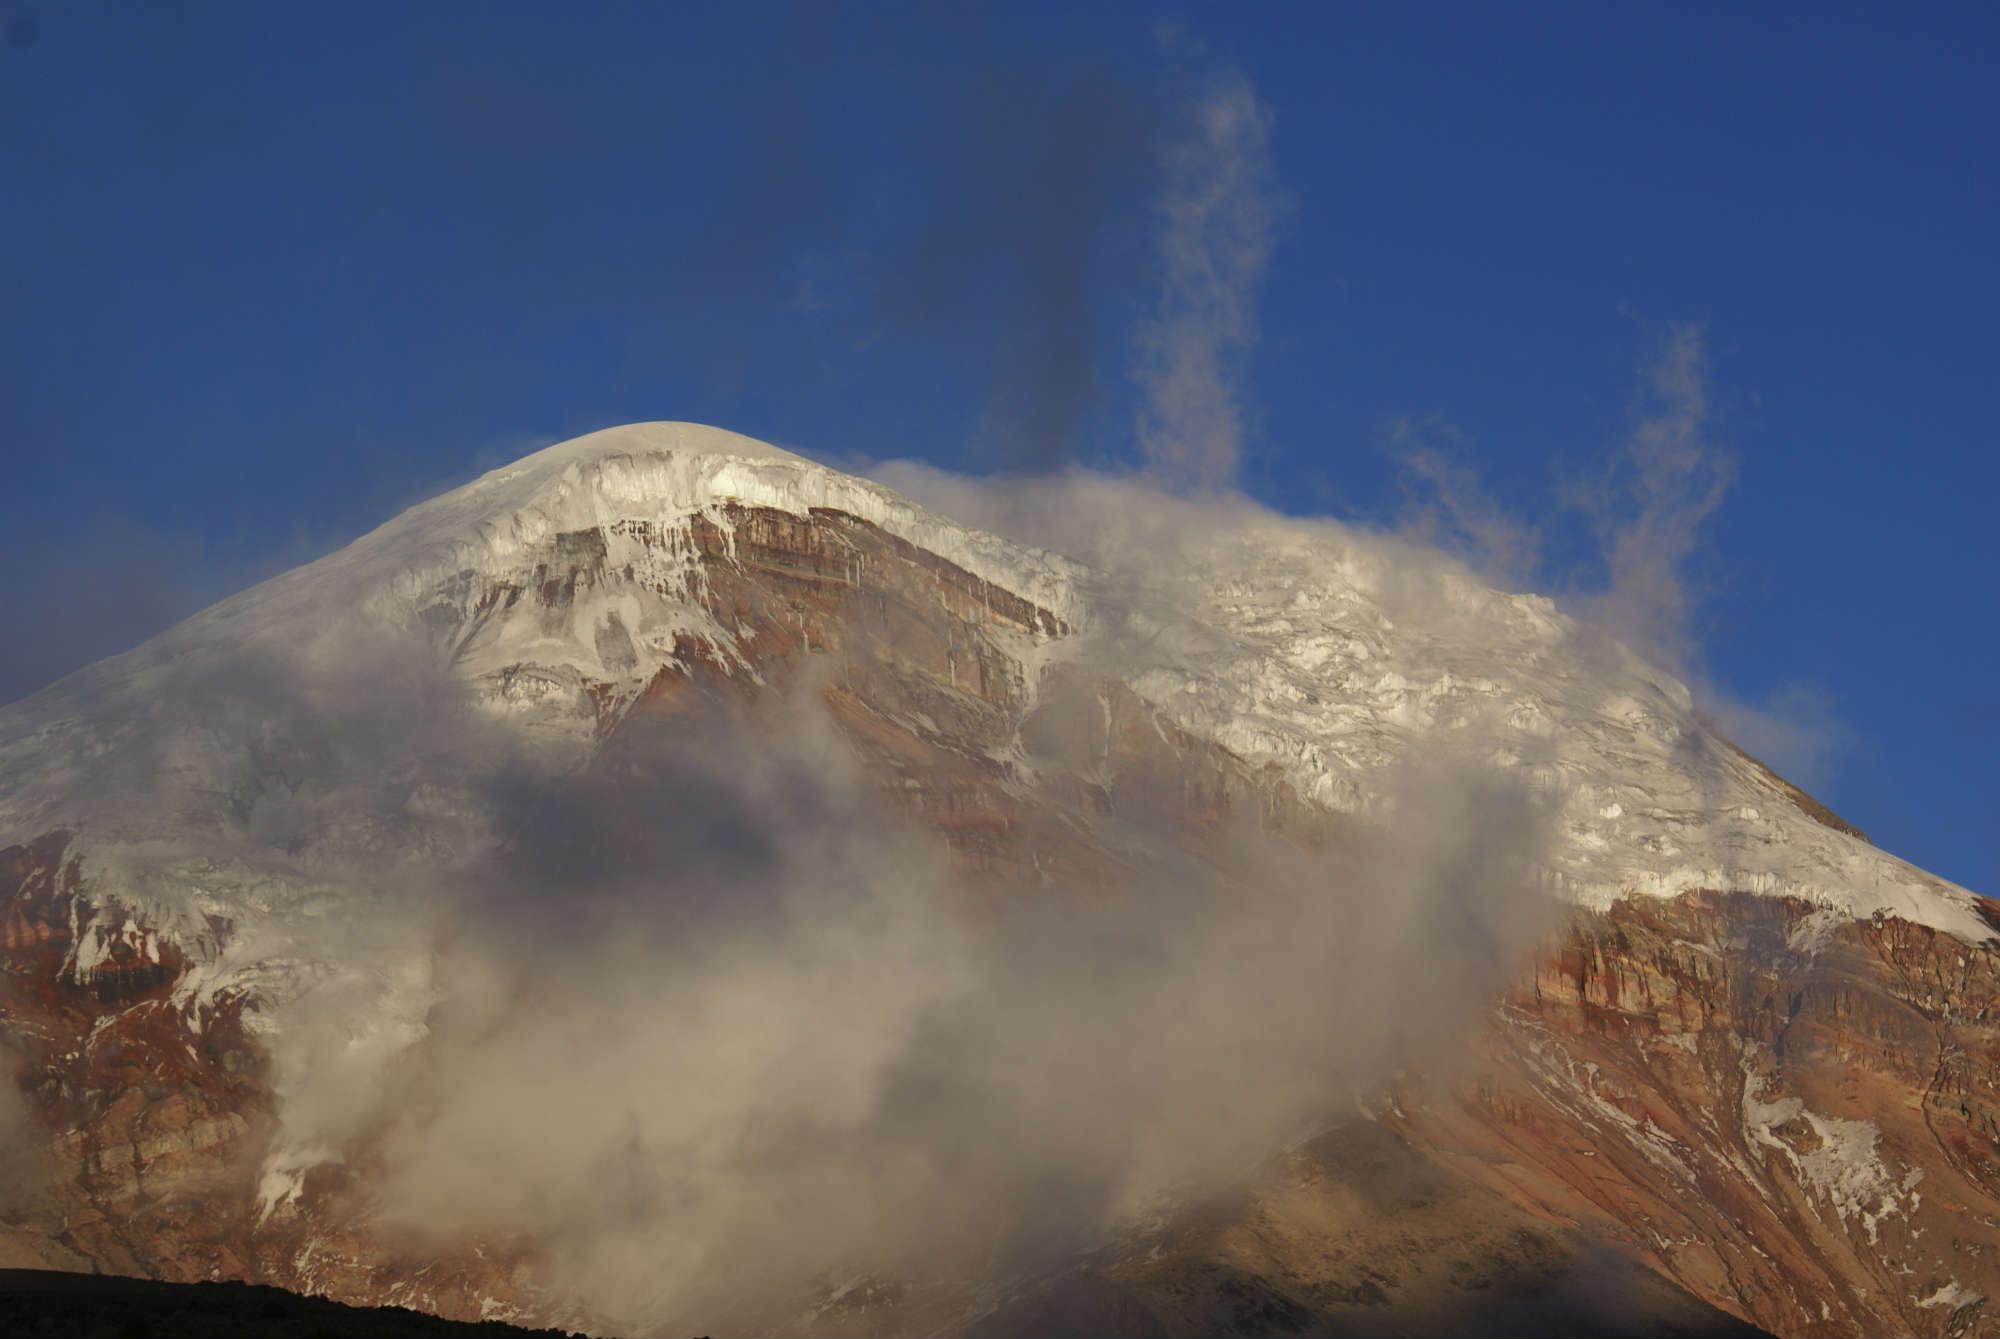 エクアドル/チンボラソ(6,310m)登頂エクスプレス9日間